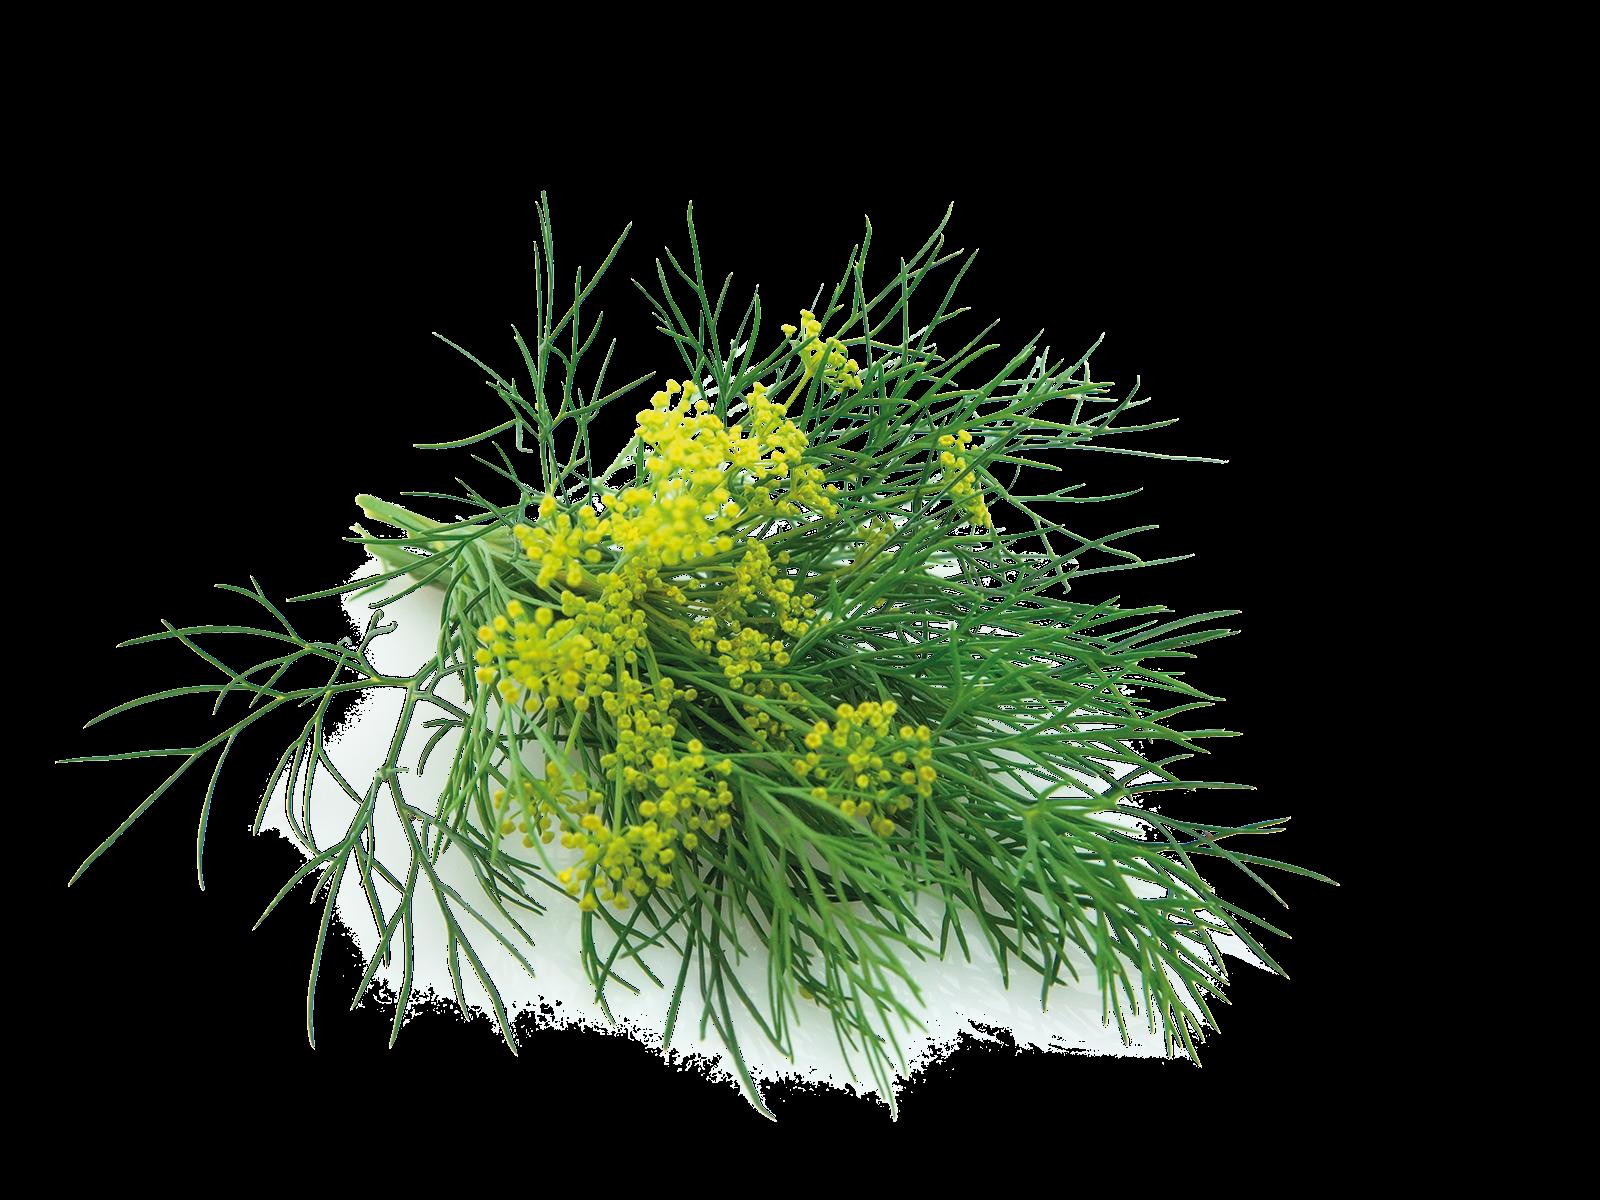 Blätter und Stängel Fenchel aus dem Produkt Kräuter Fenchel für Nager von Speers Hoff